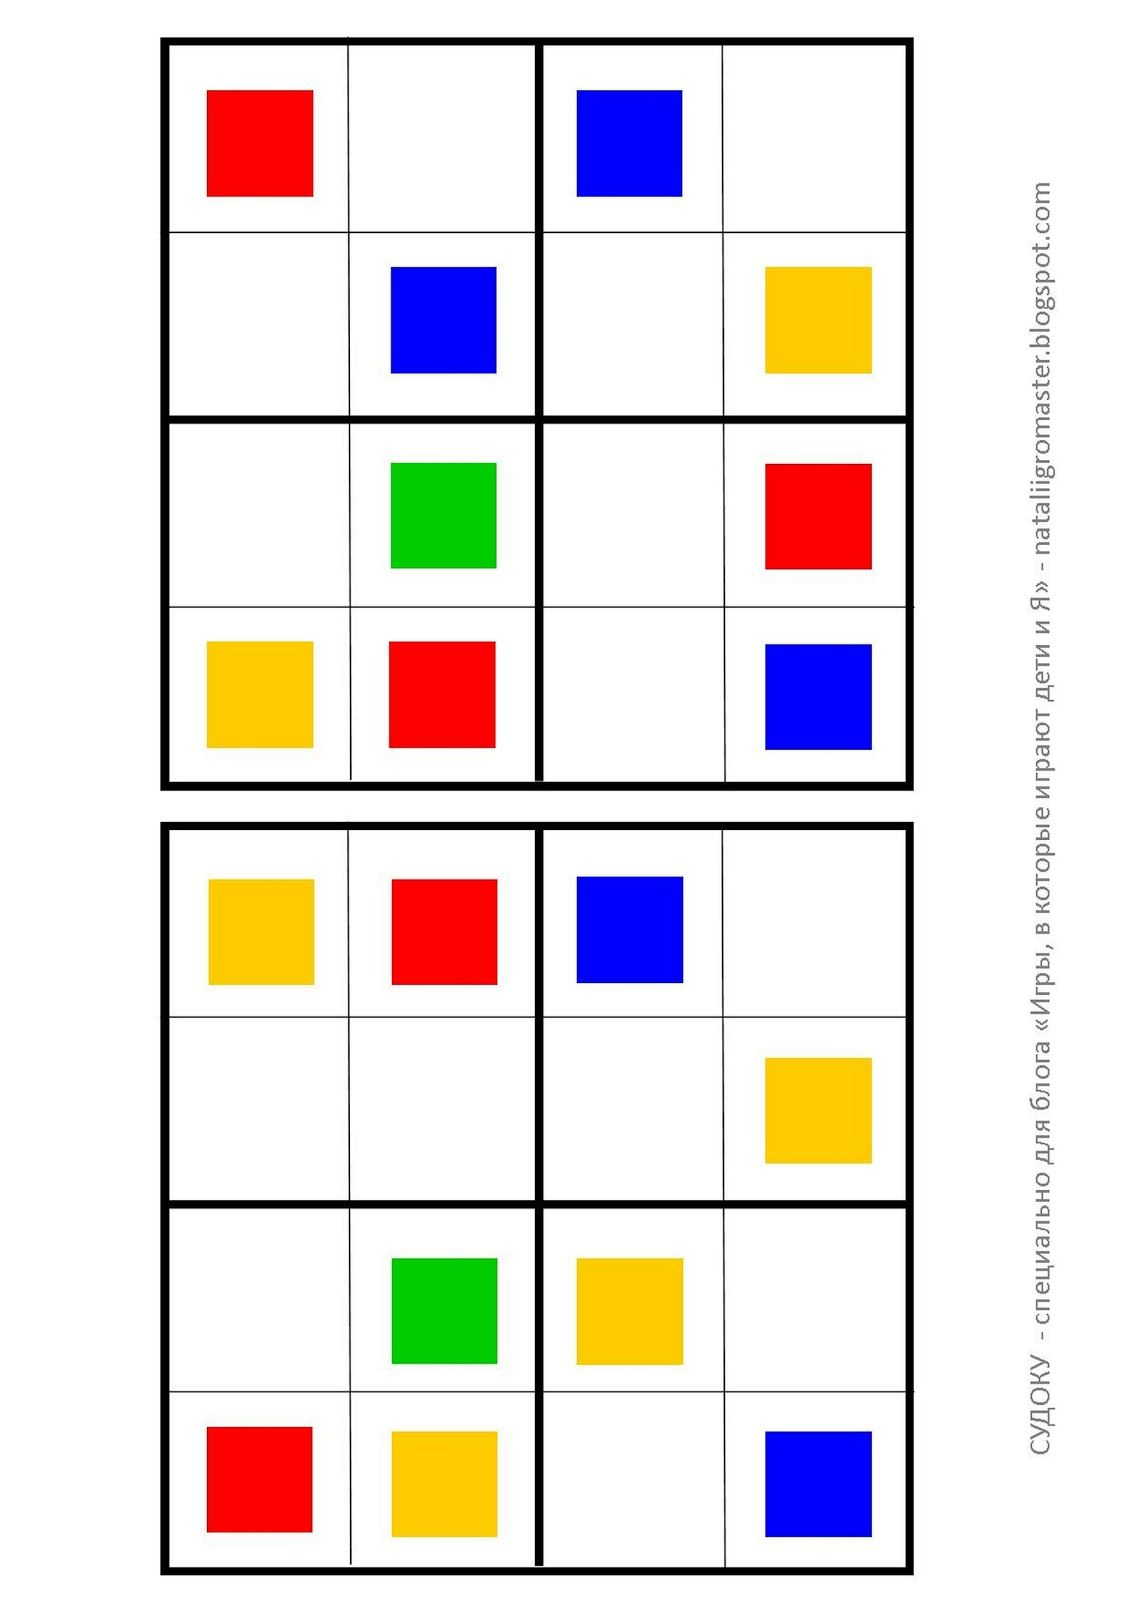 Этим Сообщением Начинаю Серию Игр С Конструктором encequiconcerne Sudoku Maternelle À Imprimer